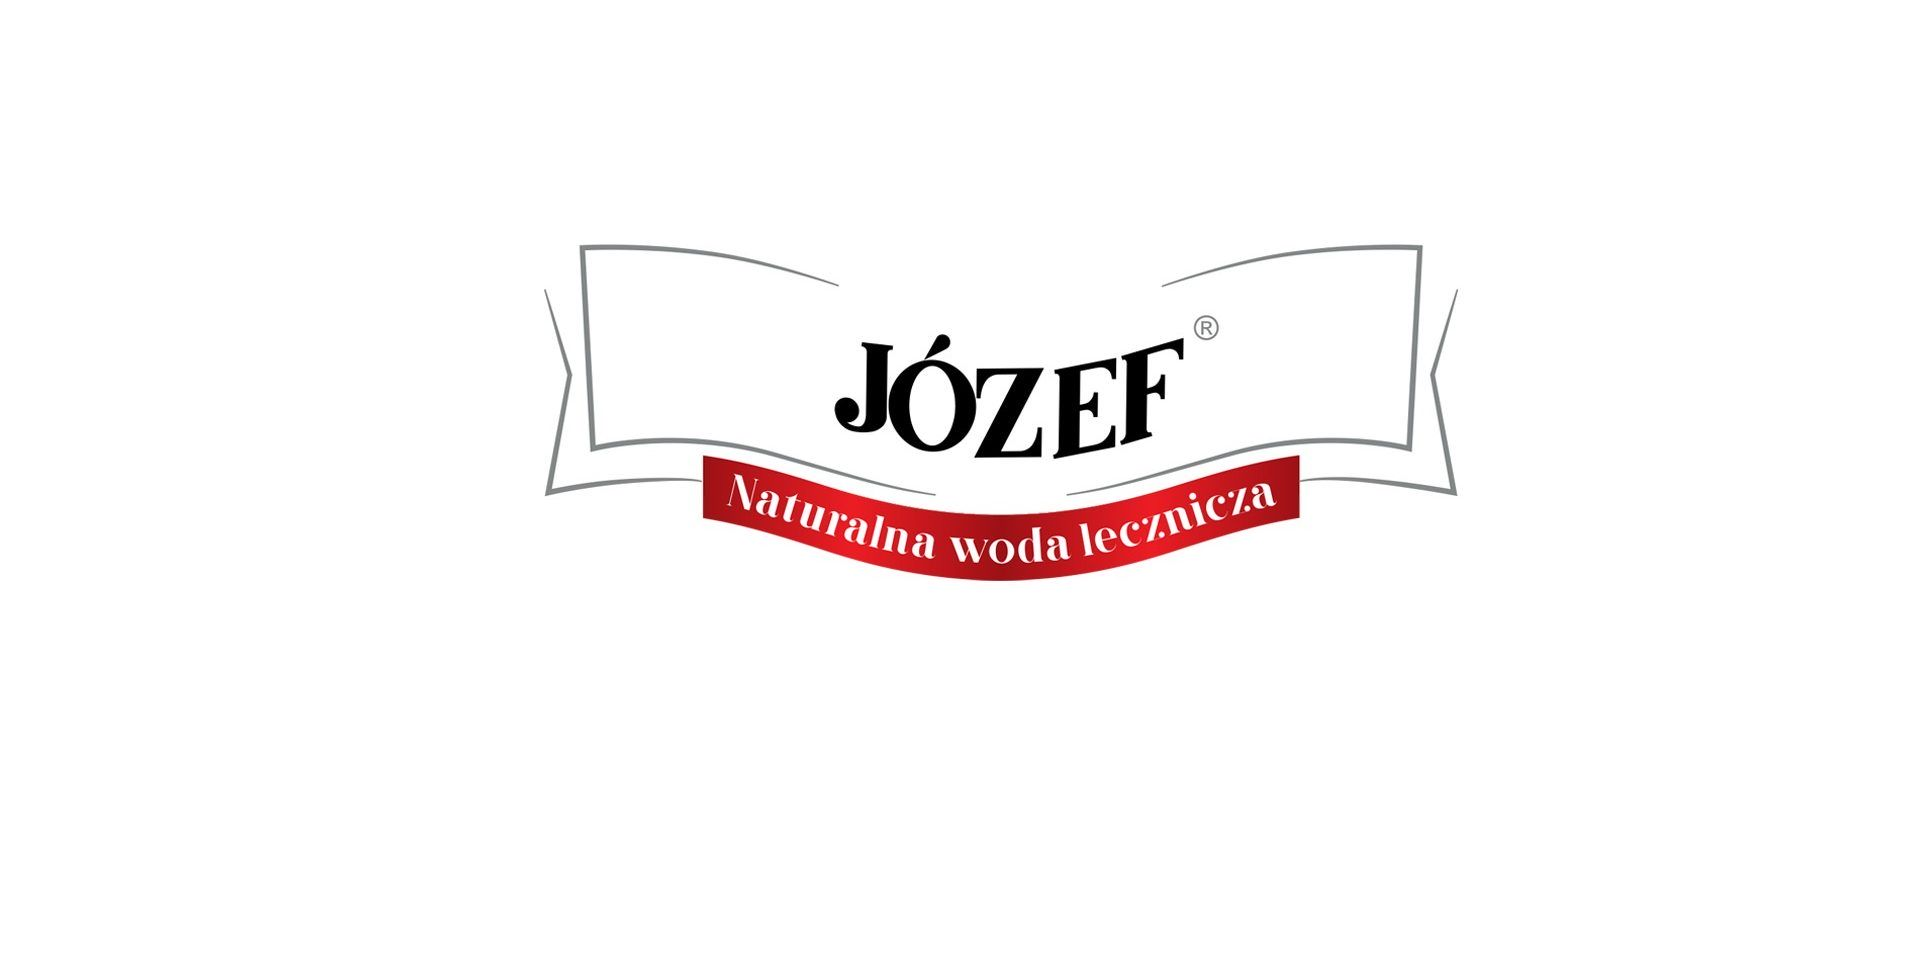 Naturalna Woda Lecznicza Józef